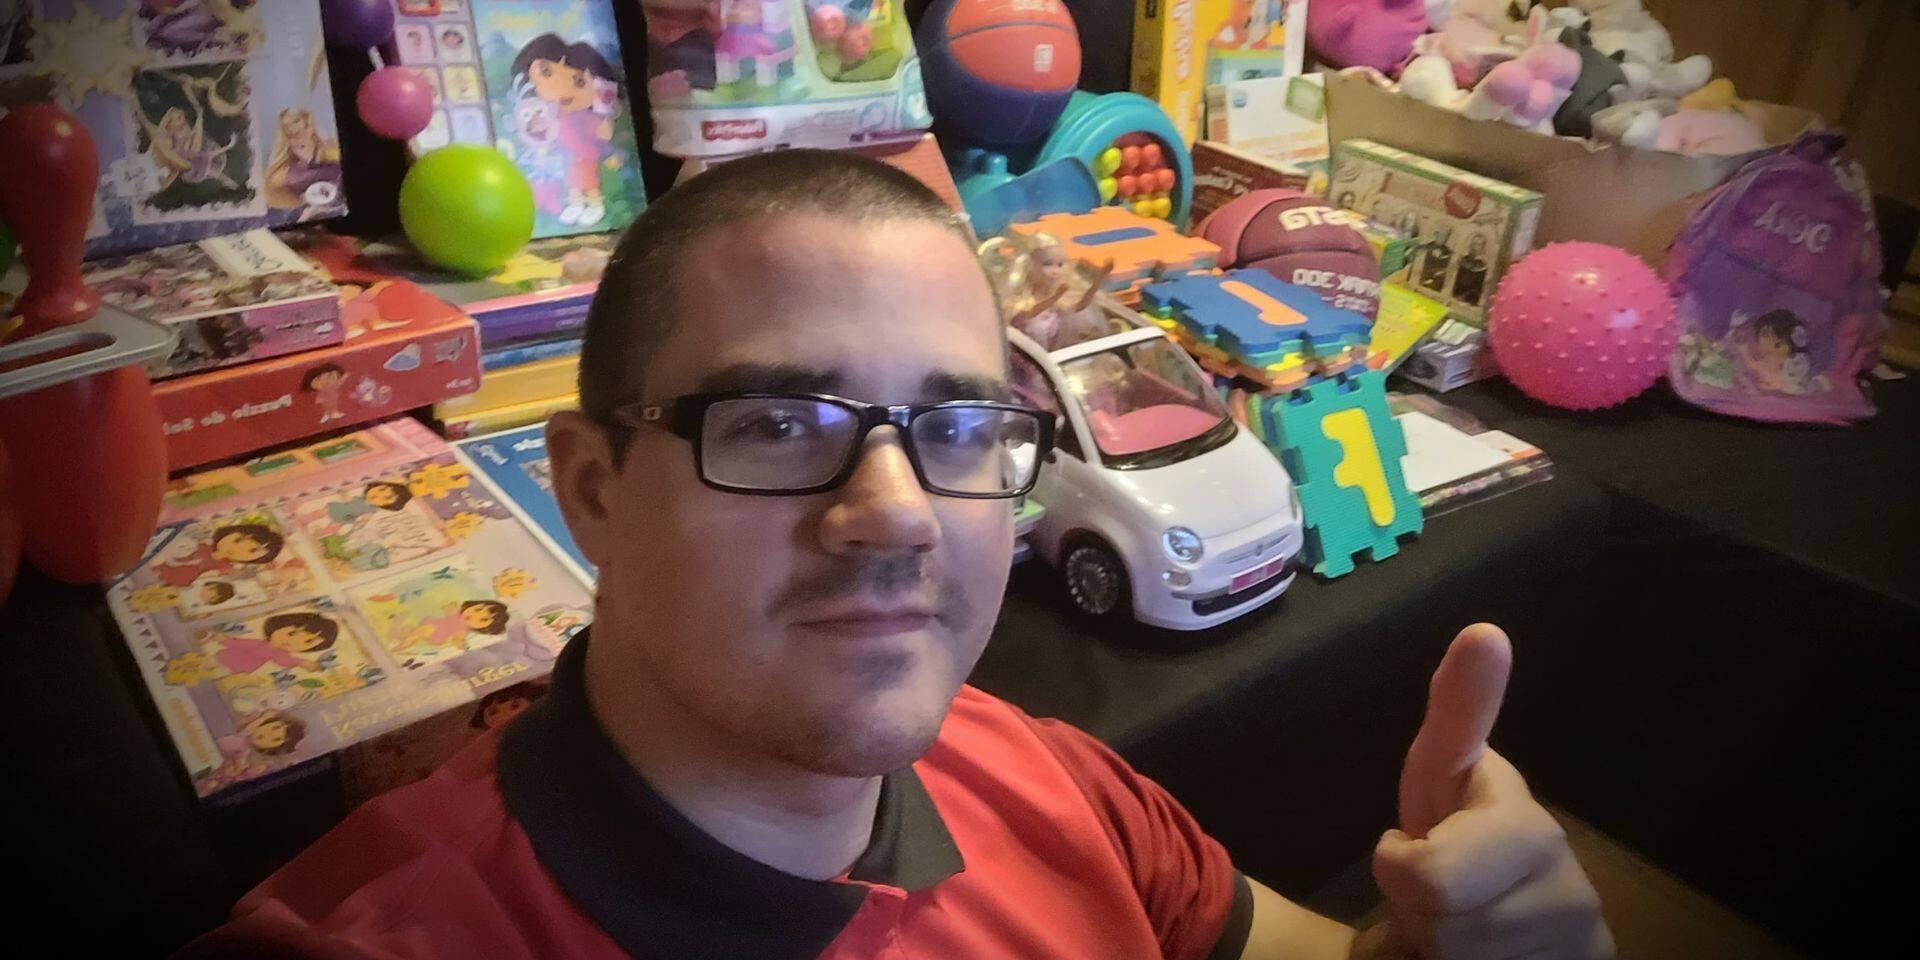 À Mons, un généreux facteur récolte des dons pour les enfants retirés de leur milieu familial